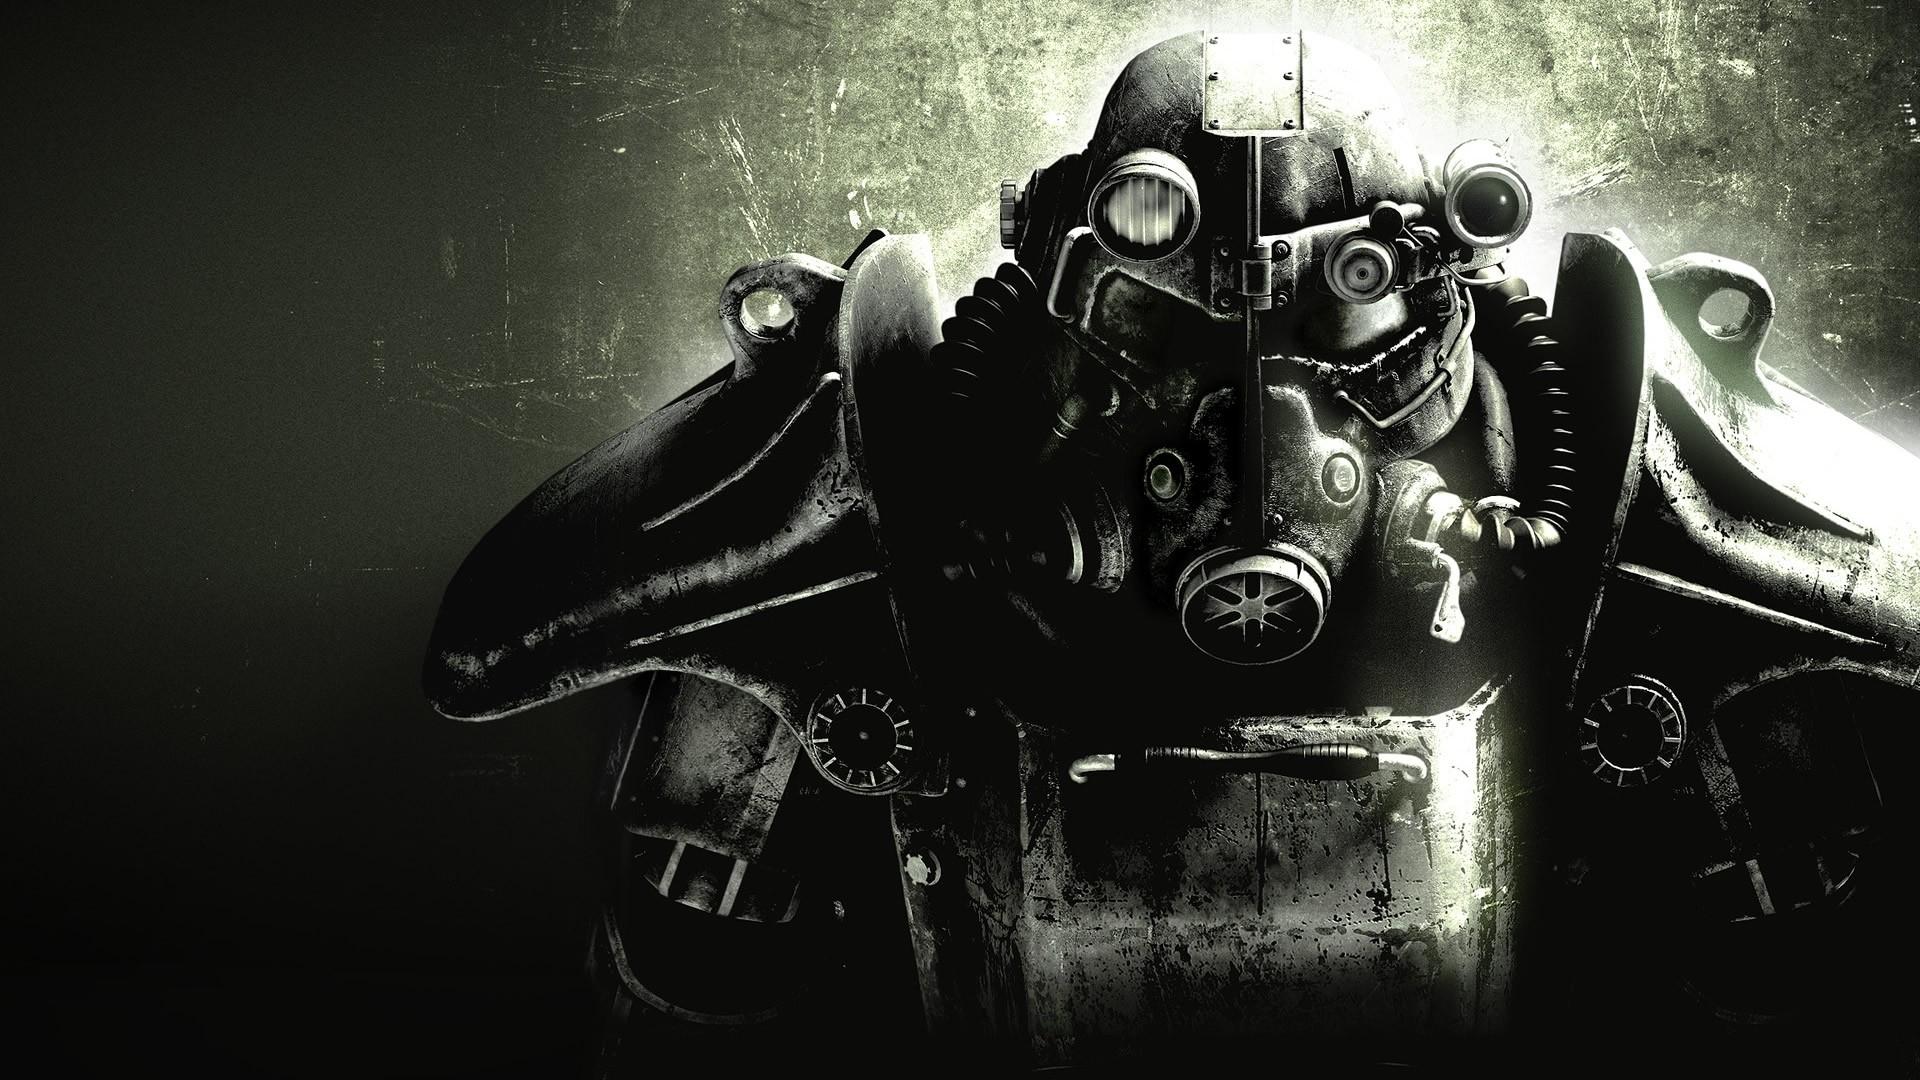 fallout 3, enclave, armor